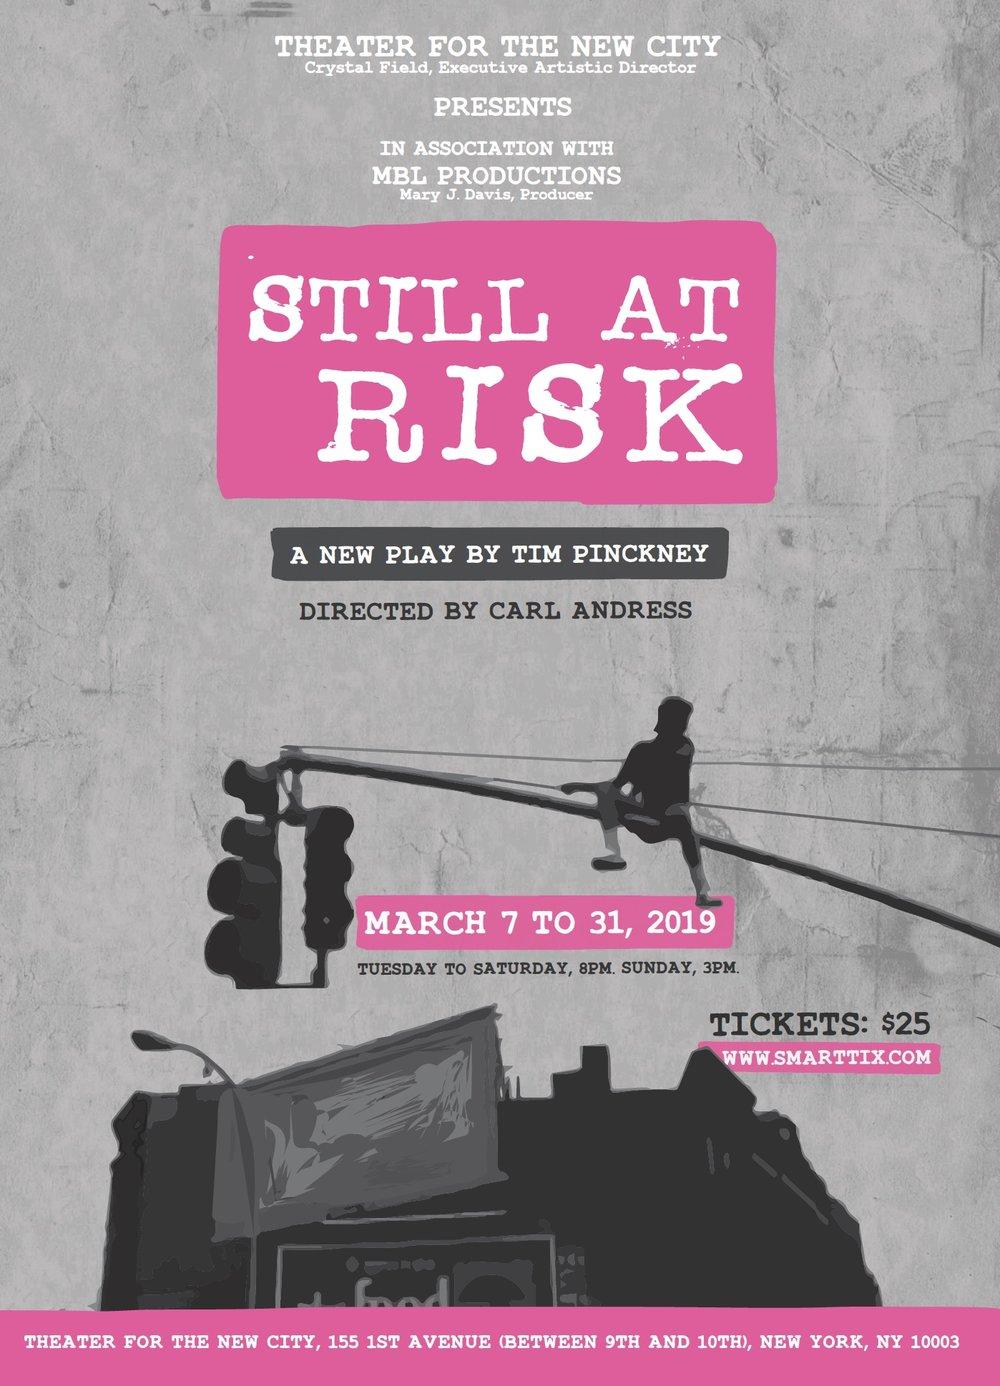 Still-At-Risk-Poster2.0.jpg